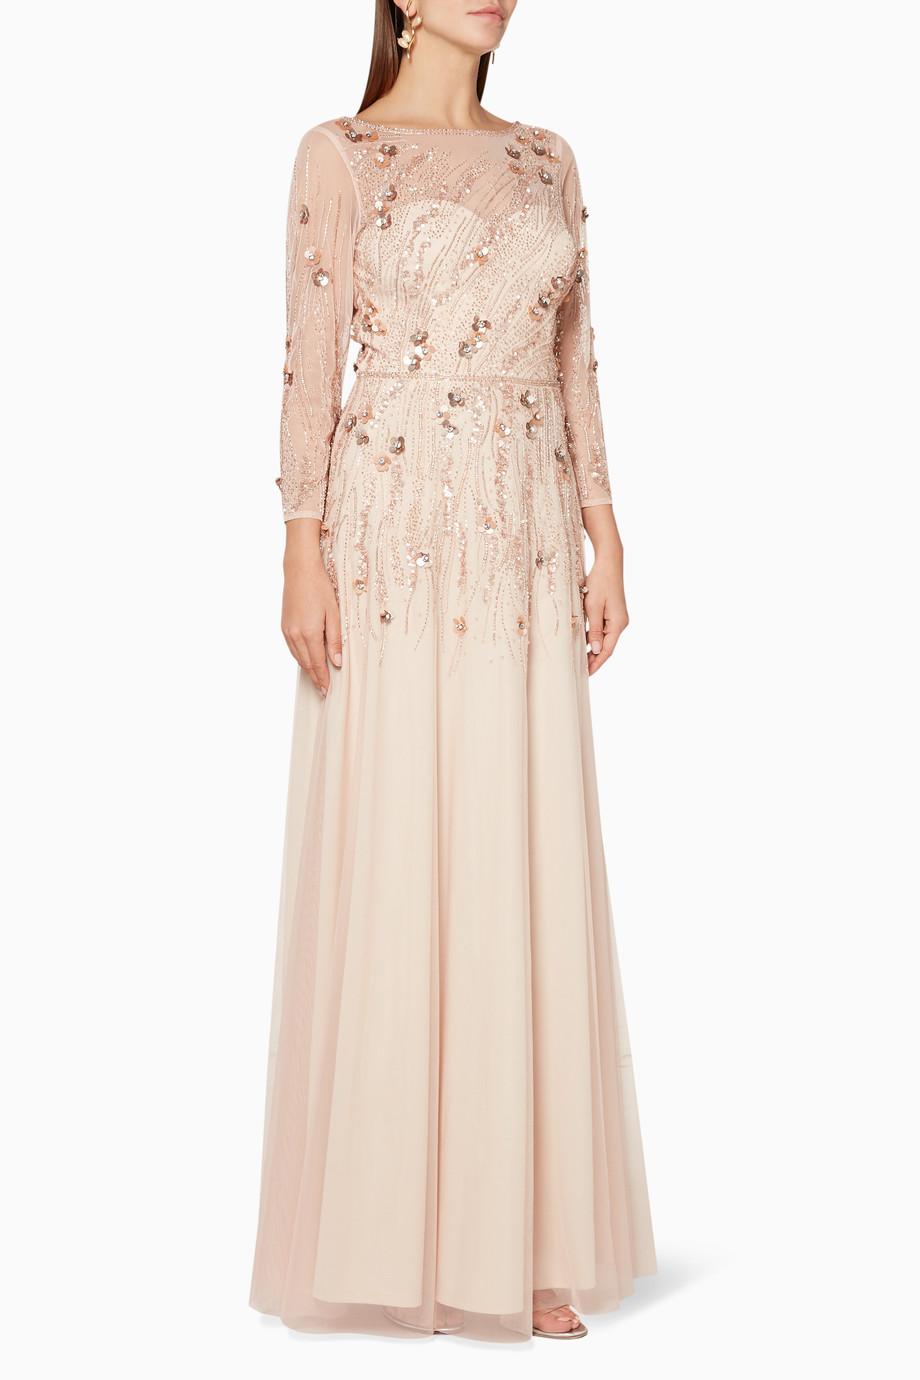 2c2103e4a تسوق فستان سهرة بتطريز زهور بيج ثيا لون طبيعى للنساء | اُناس السعودية